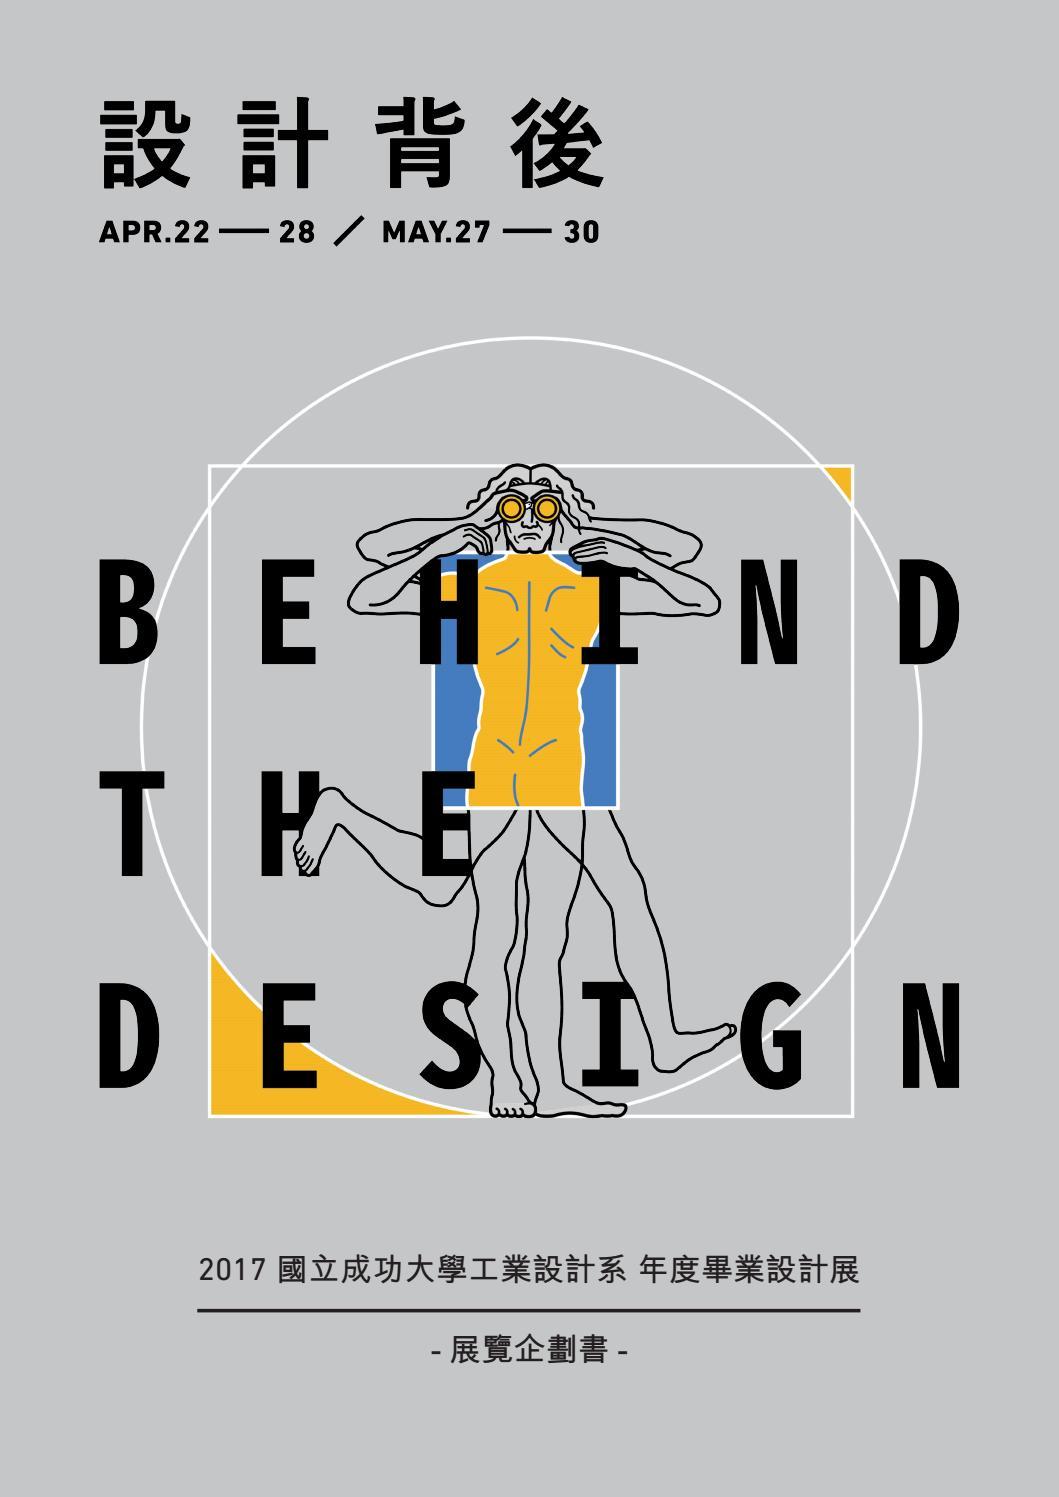 2017 國立成功大學工業設計系 年度畢業設計展|設計背後 by wen-hsin - Issuu